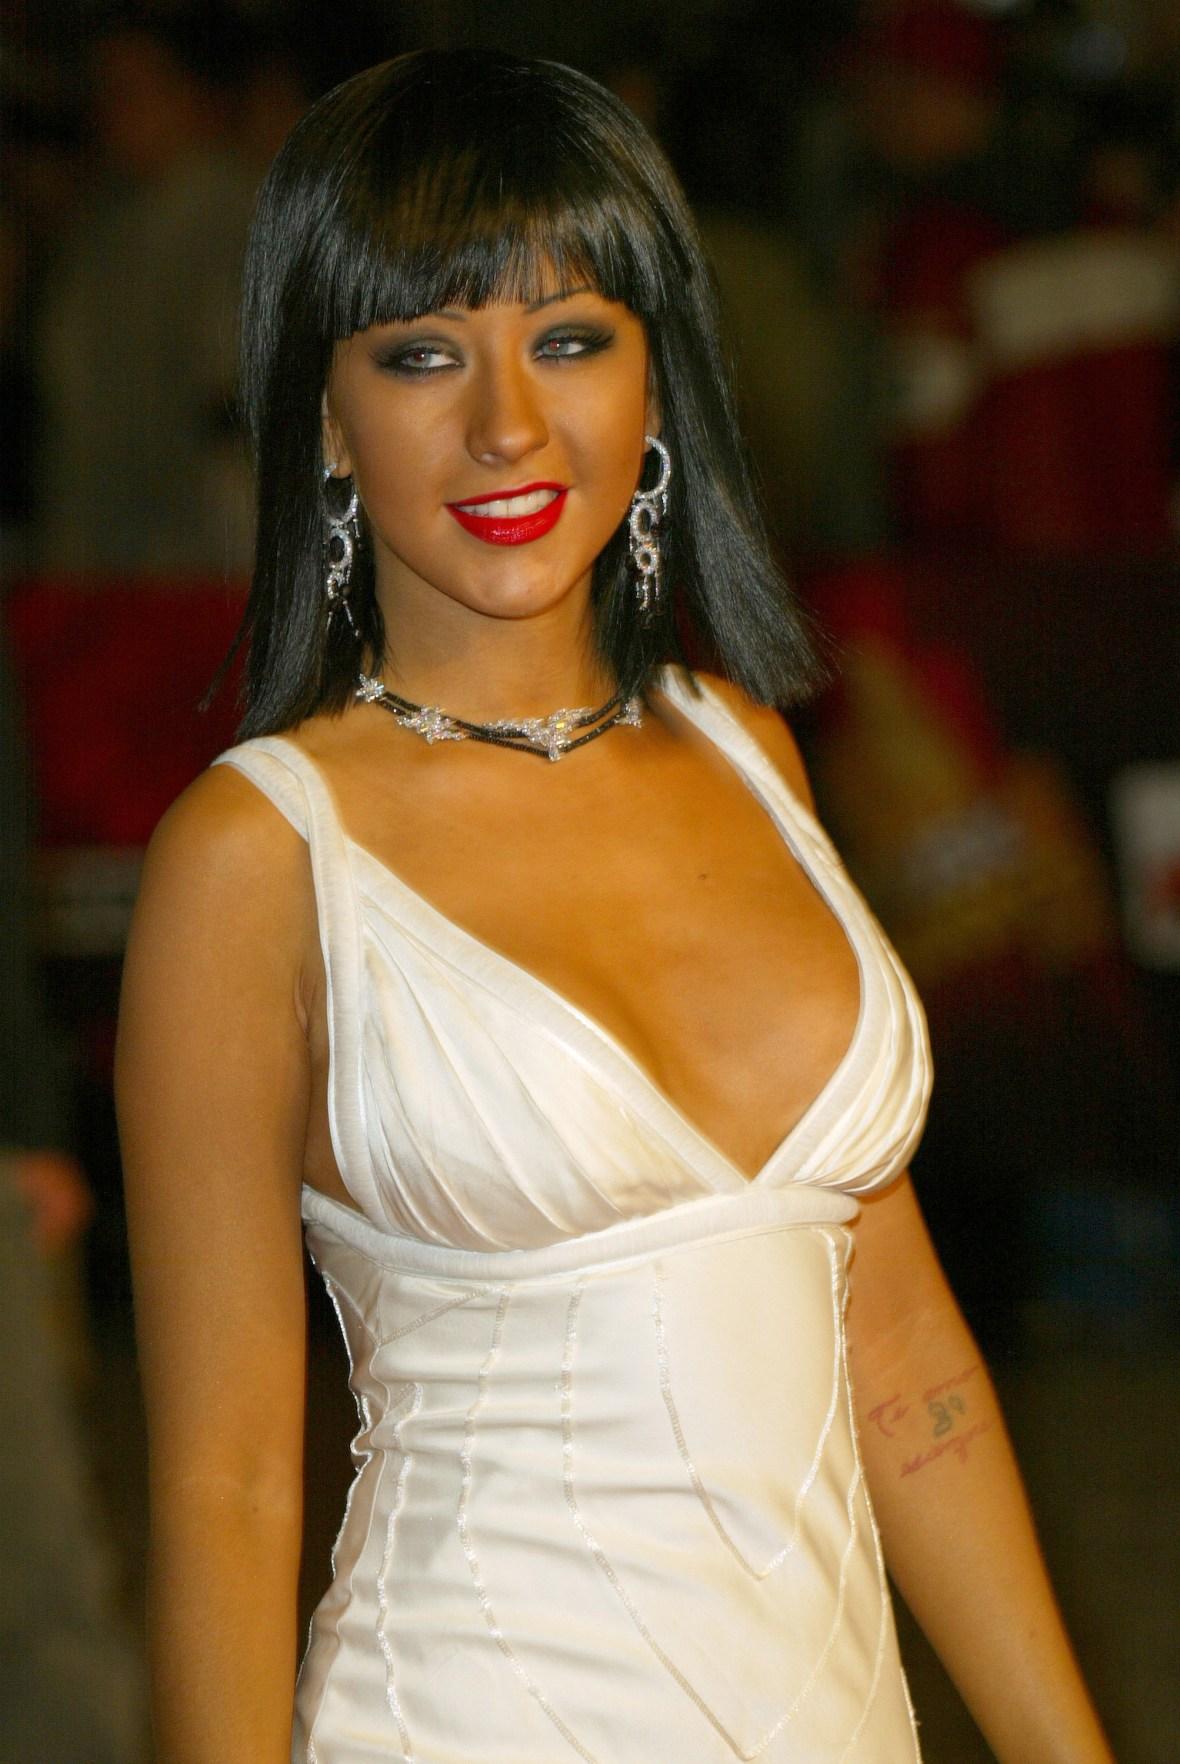 christina aguilera brunette tan